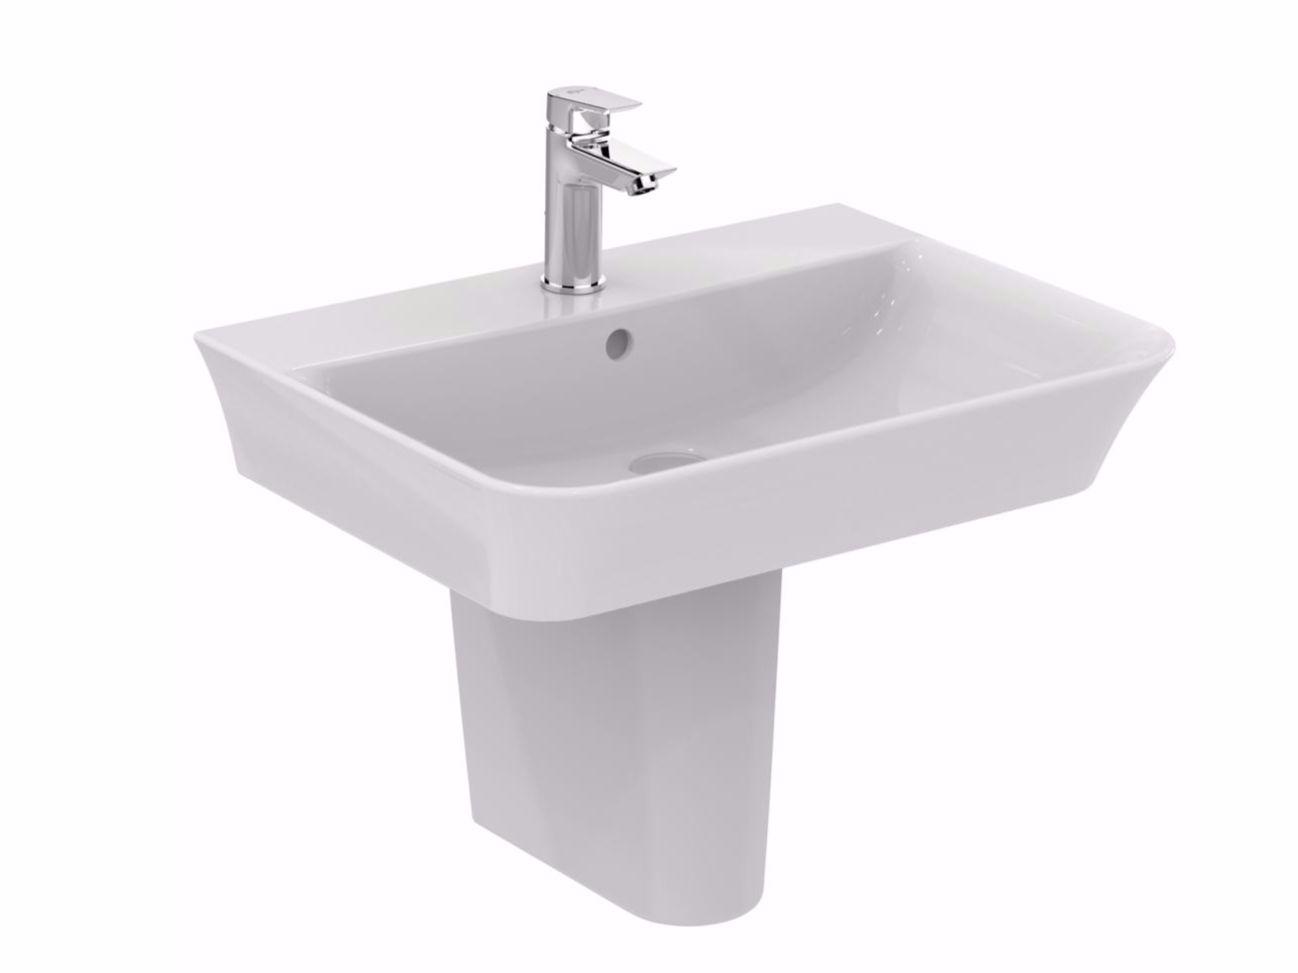 Misure standard lavabo bagno mobile bagno dimensioni comarg lussuoso design del bagno lavabo - Misure lavabo bagno ...